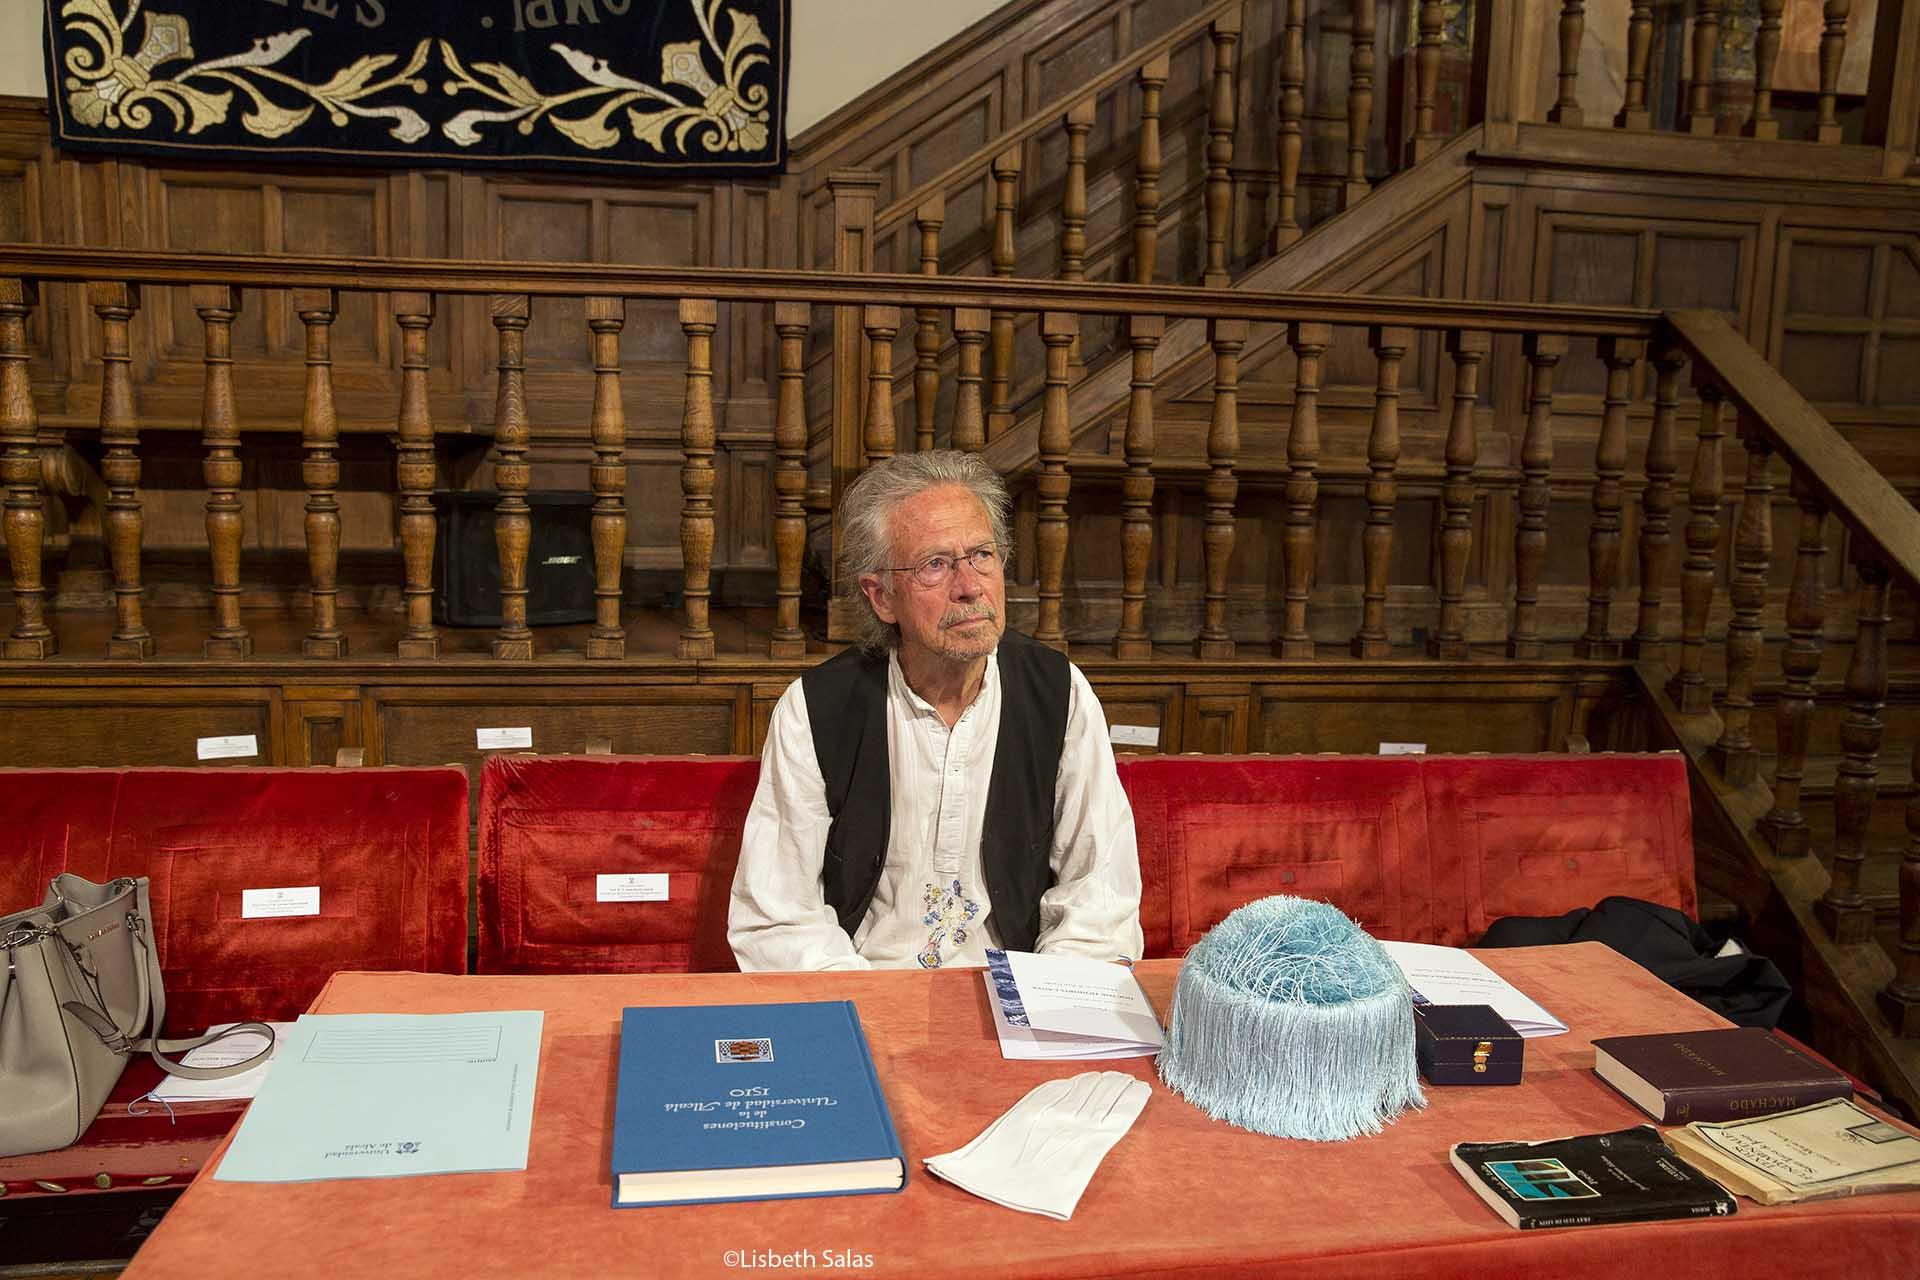 Handke ocupa el sitio donde estará durante la ceremonia.